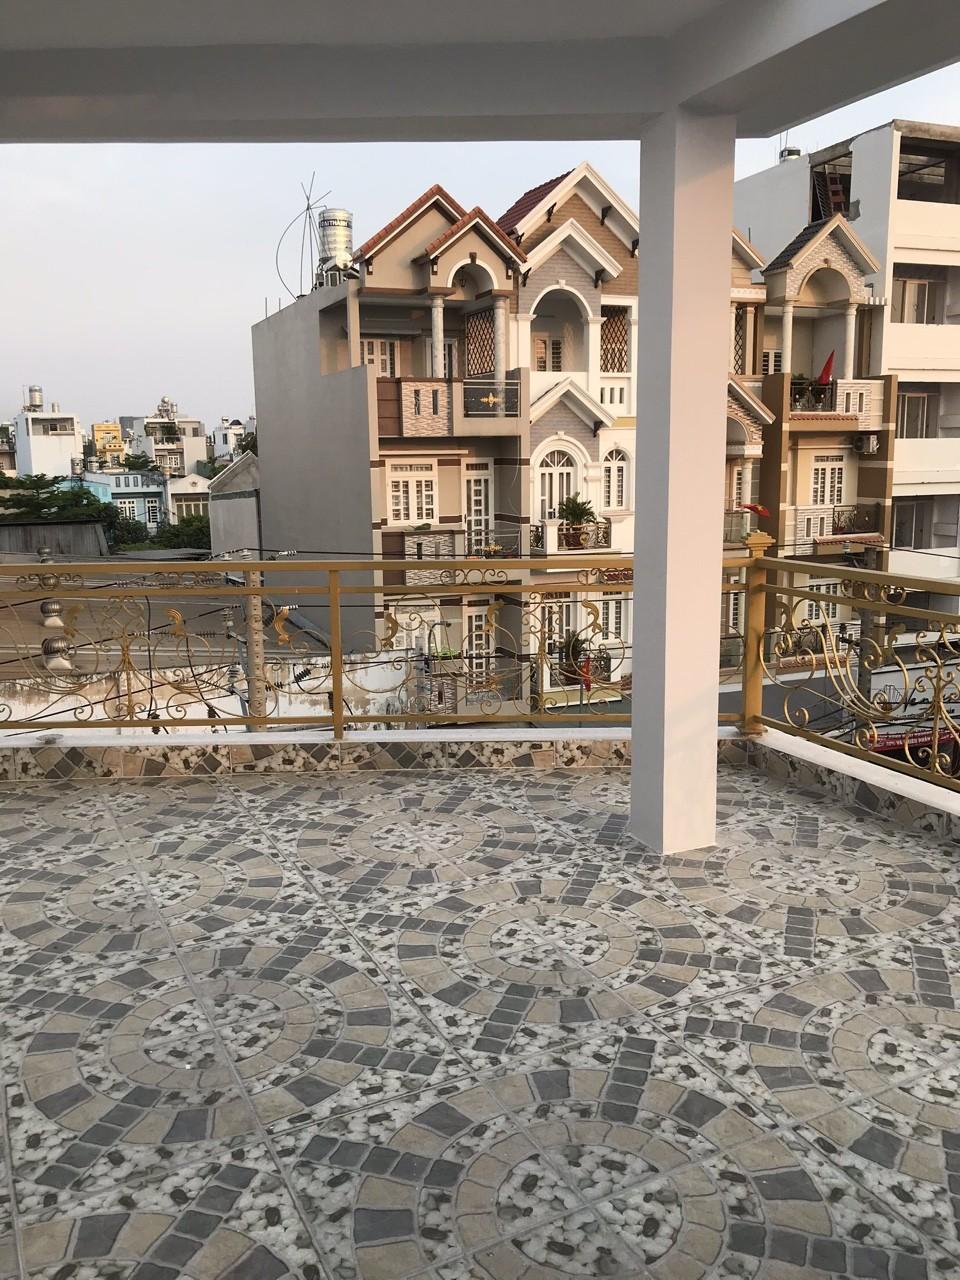 Bán nhà hẻm 759 Hương Lộ 2 phường Bình Trị Đông A quận Bình Tân. Dt 4x18m